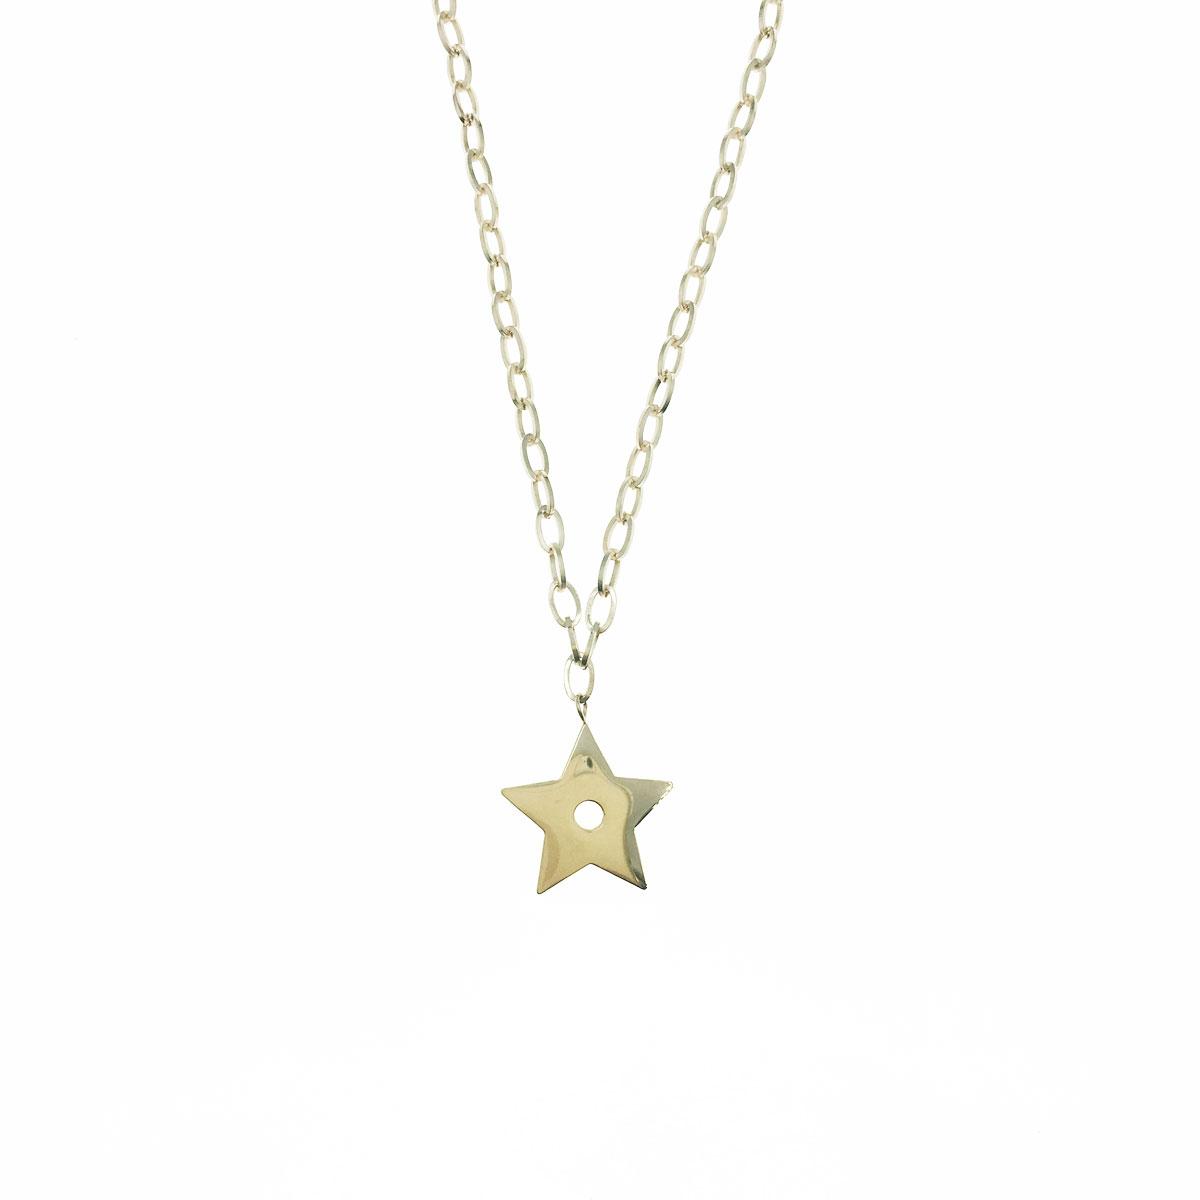 韓國 不銹鋼 星星 簍空 金屬感 鎖骨鍊 短鍊 項鍊